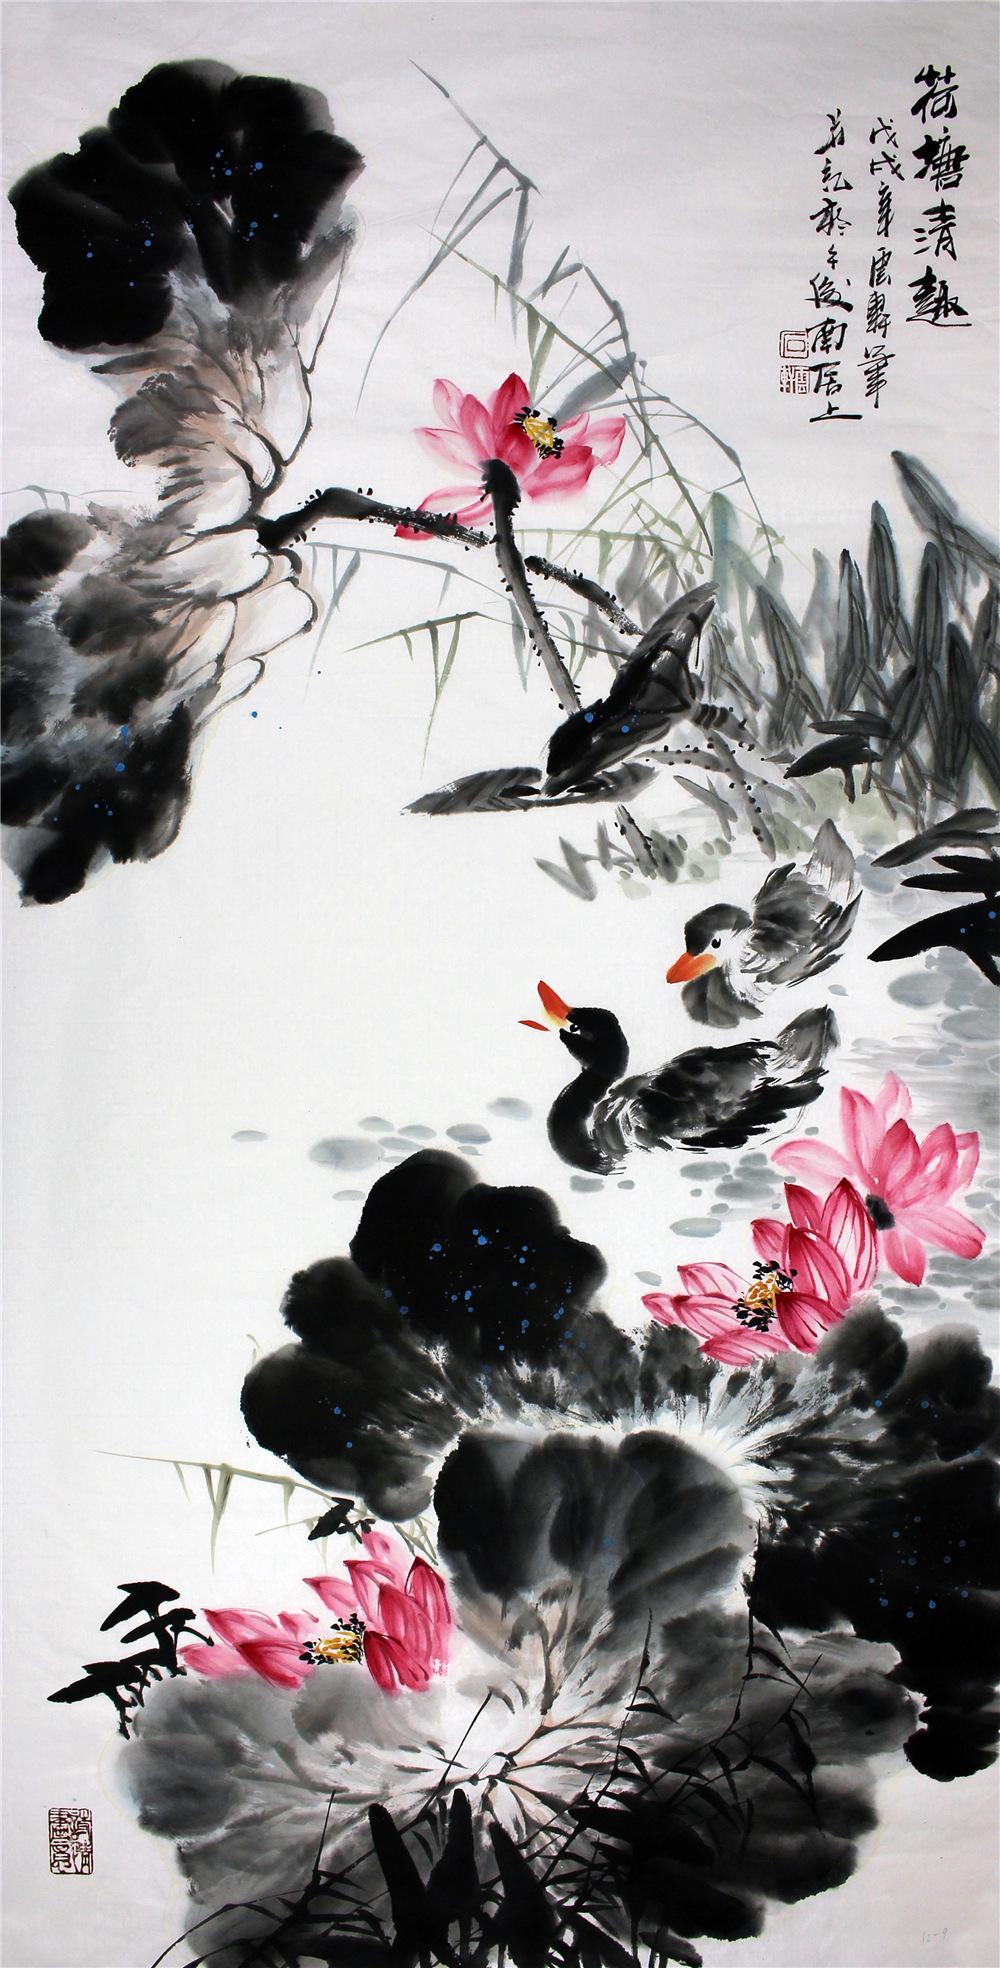 石云轩 国画写意花鸟画 四尺竖幅 荷塘清趣 荷花鸭子12 9